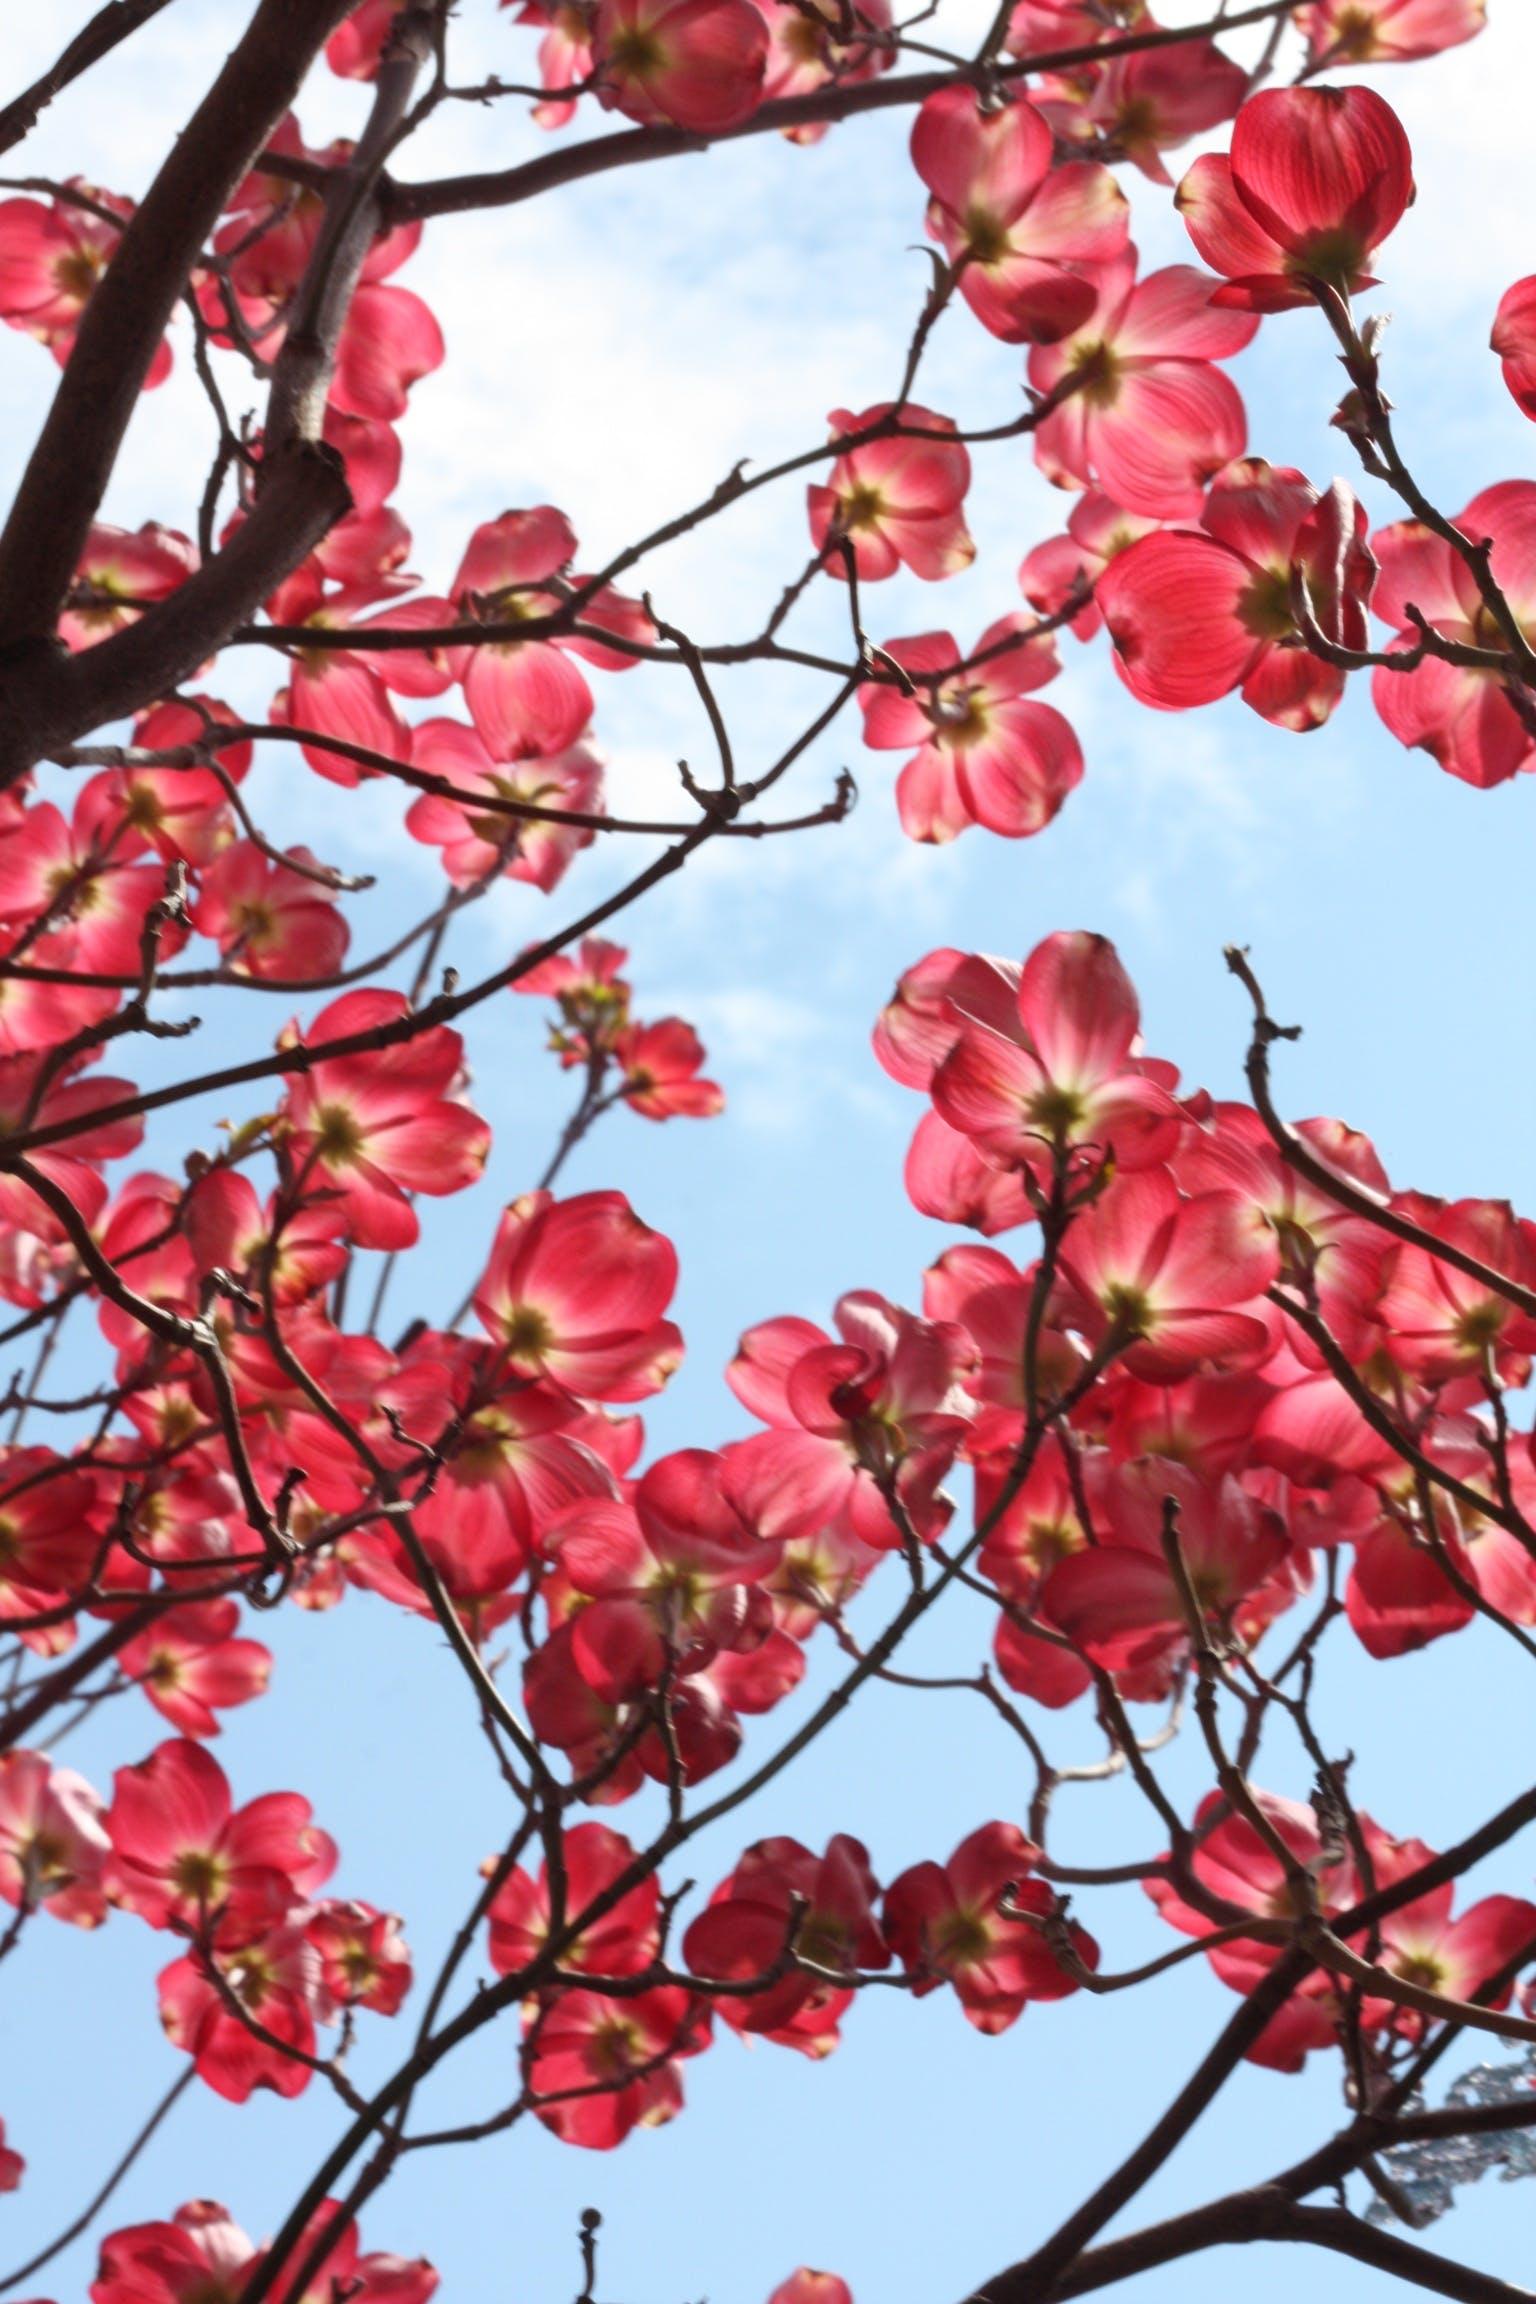 シーズン, フラワーズ, フローラ, 咲くの無料の写真素材